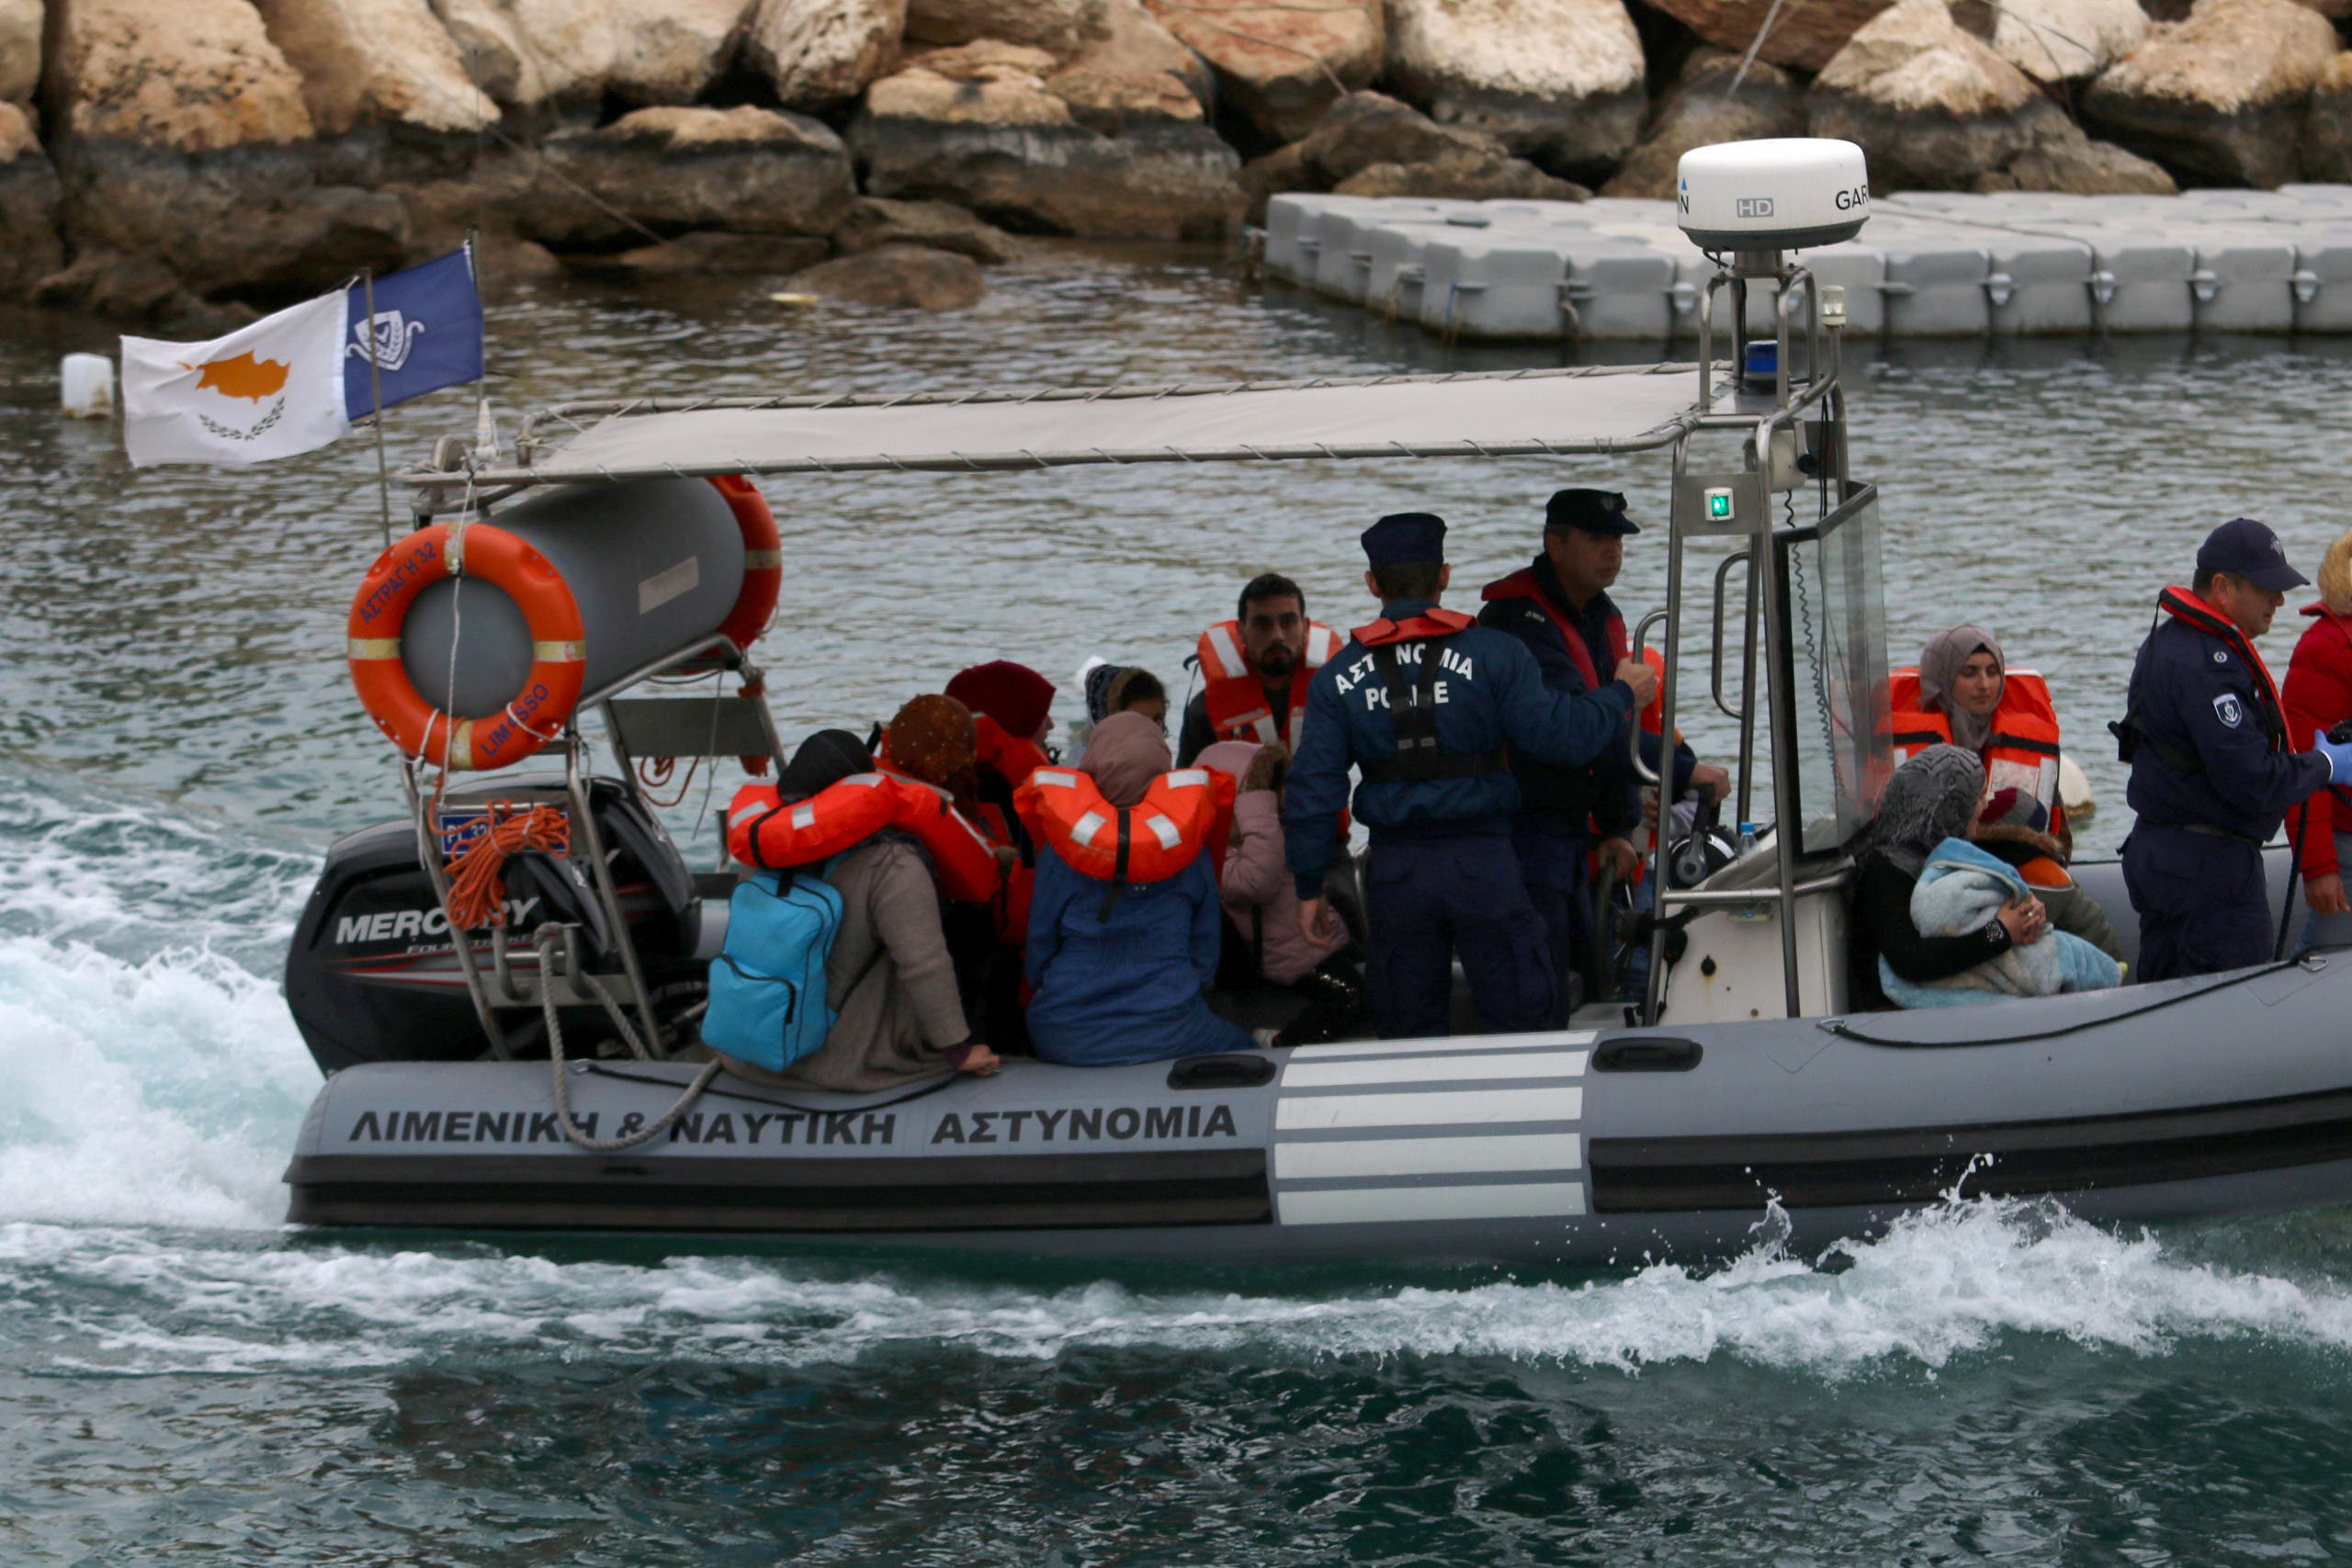 عملية سابقة لخفر السواحل القبرصي لاعتراض قارب مهاجرين سوريين في يناير الماضي